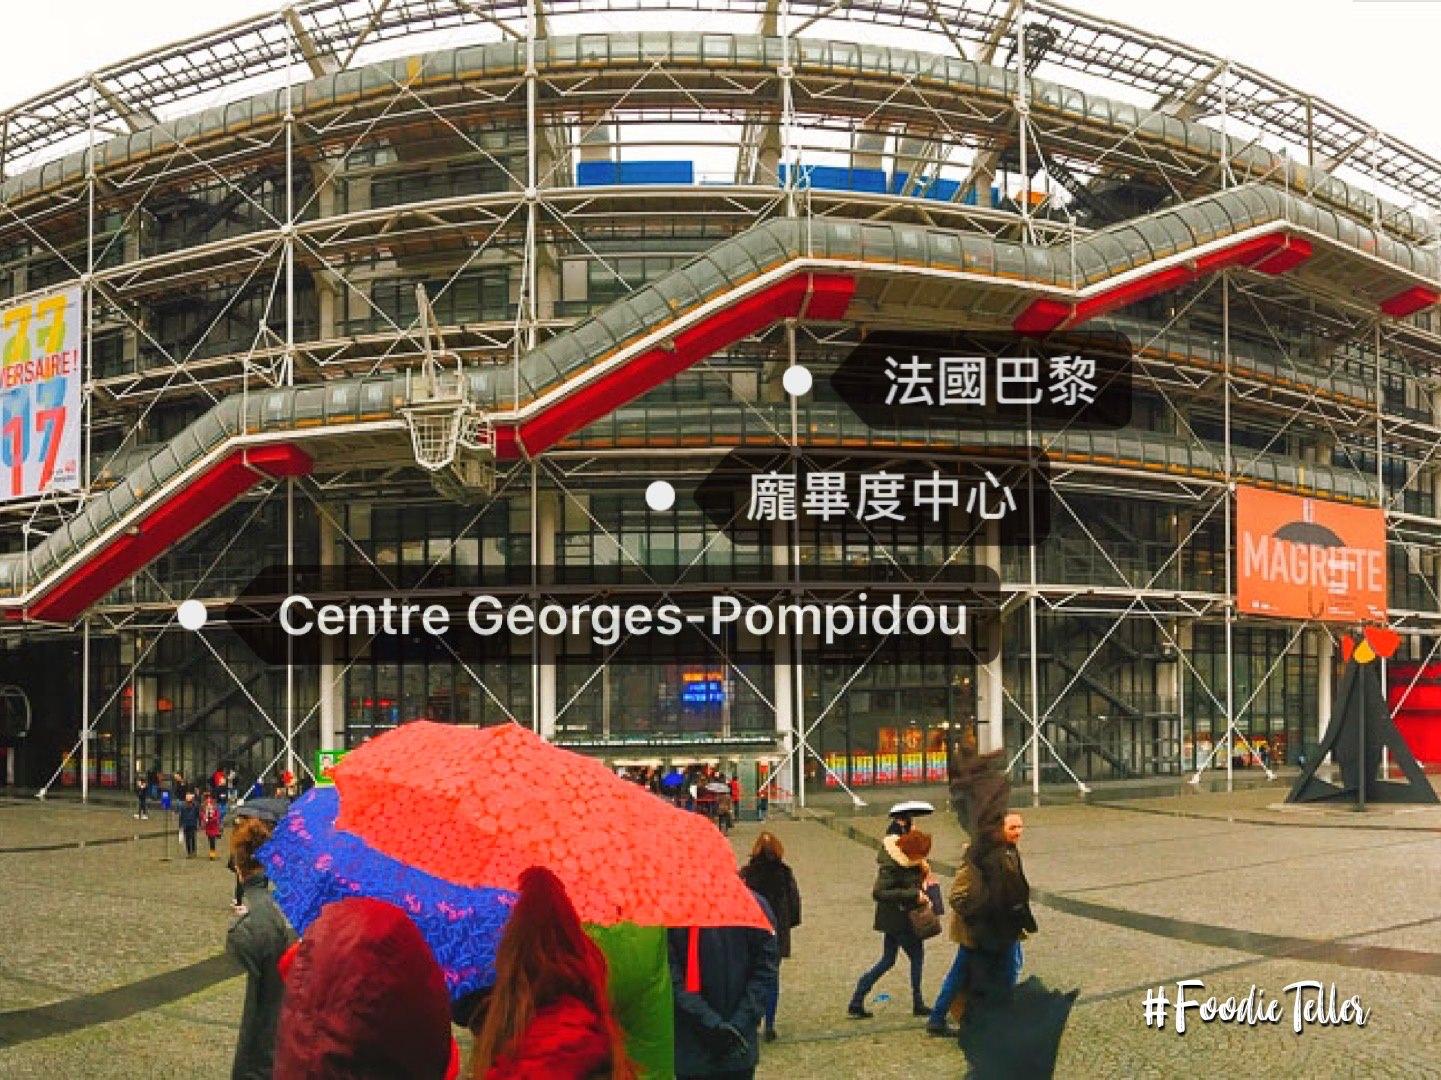 法國巴黎龐度中心|現代藝術藏品之最巴黎三大博物館  Centre Georges-Pompidou